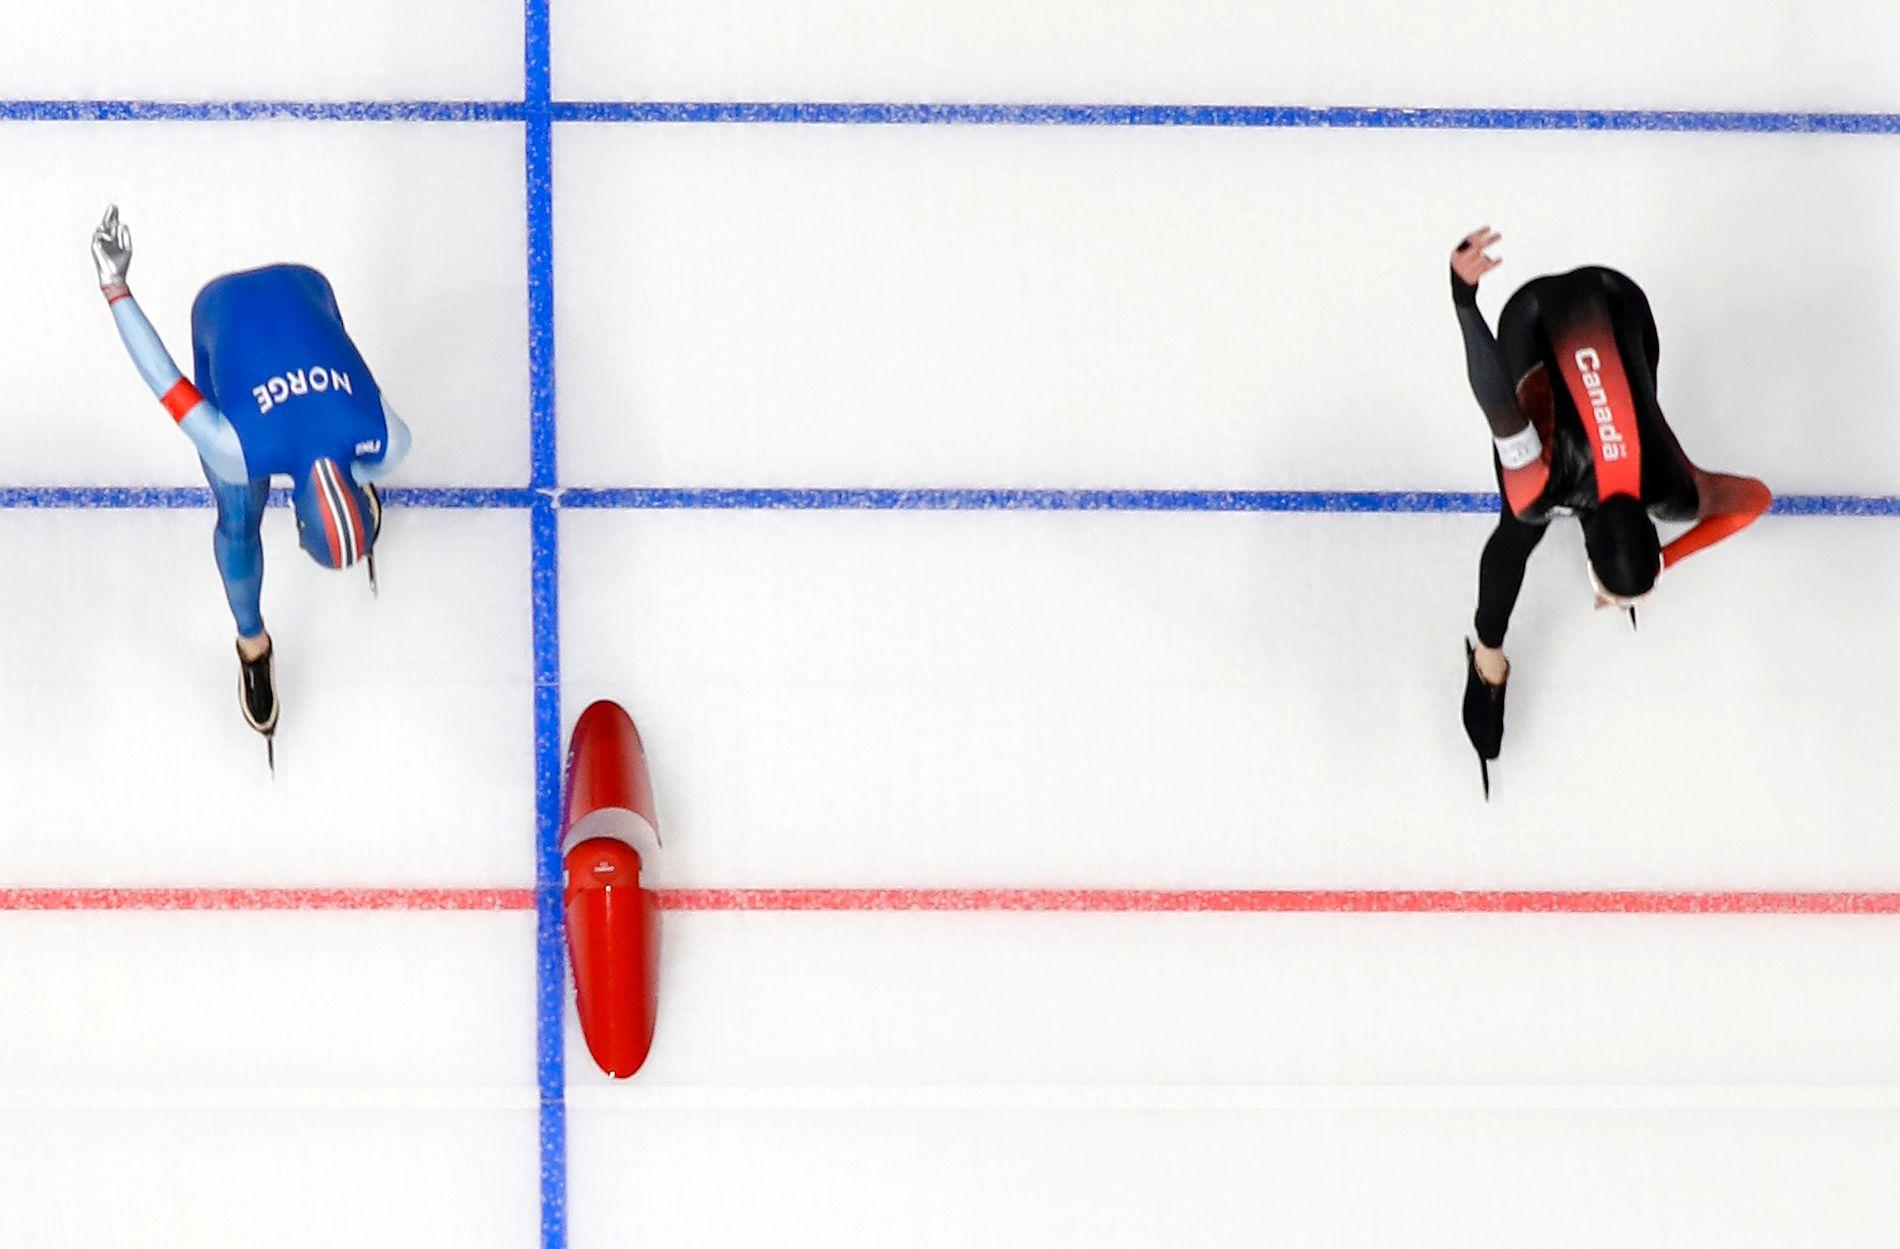 SÅ NÆR: Ted-Jan Bloemen til høyre slår Sverre Lunde Pedersen med to tusendeler.